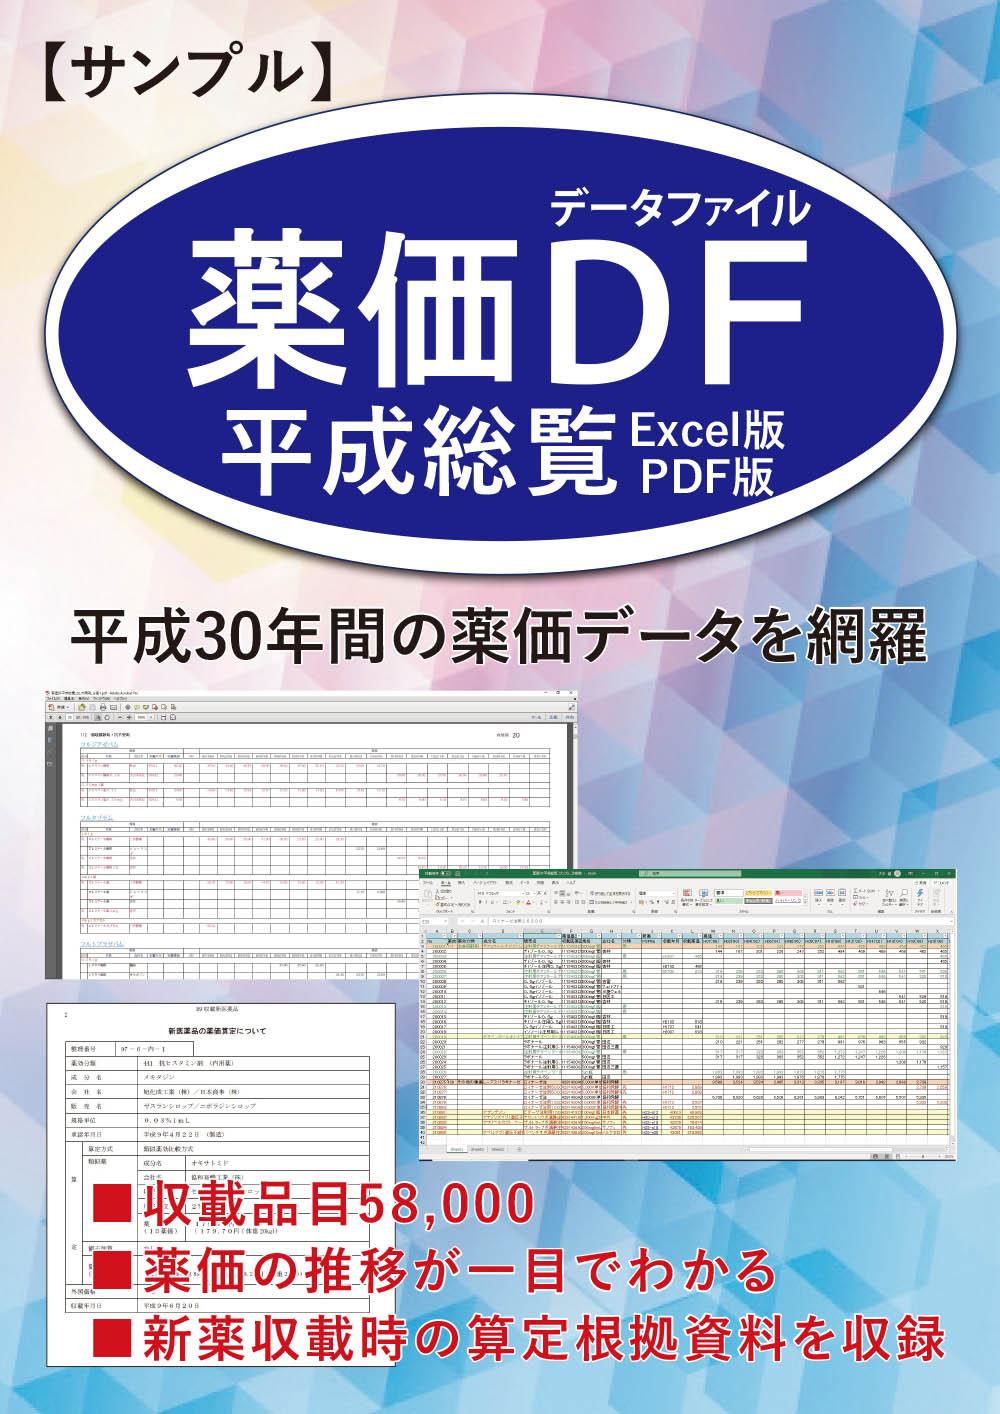 薬価データファイル平成総覧(サンプル版)